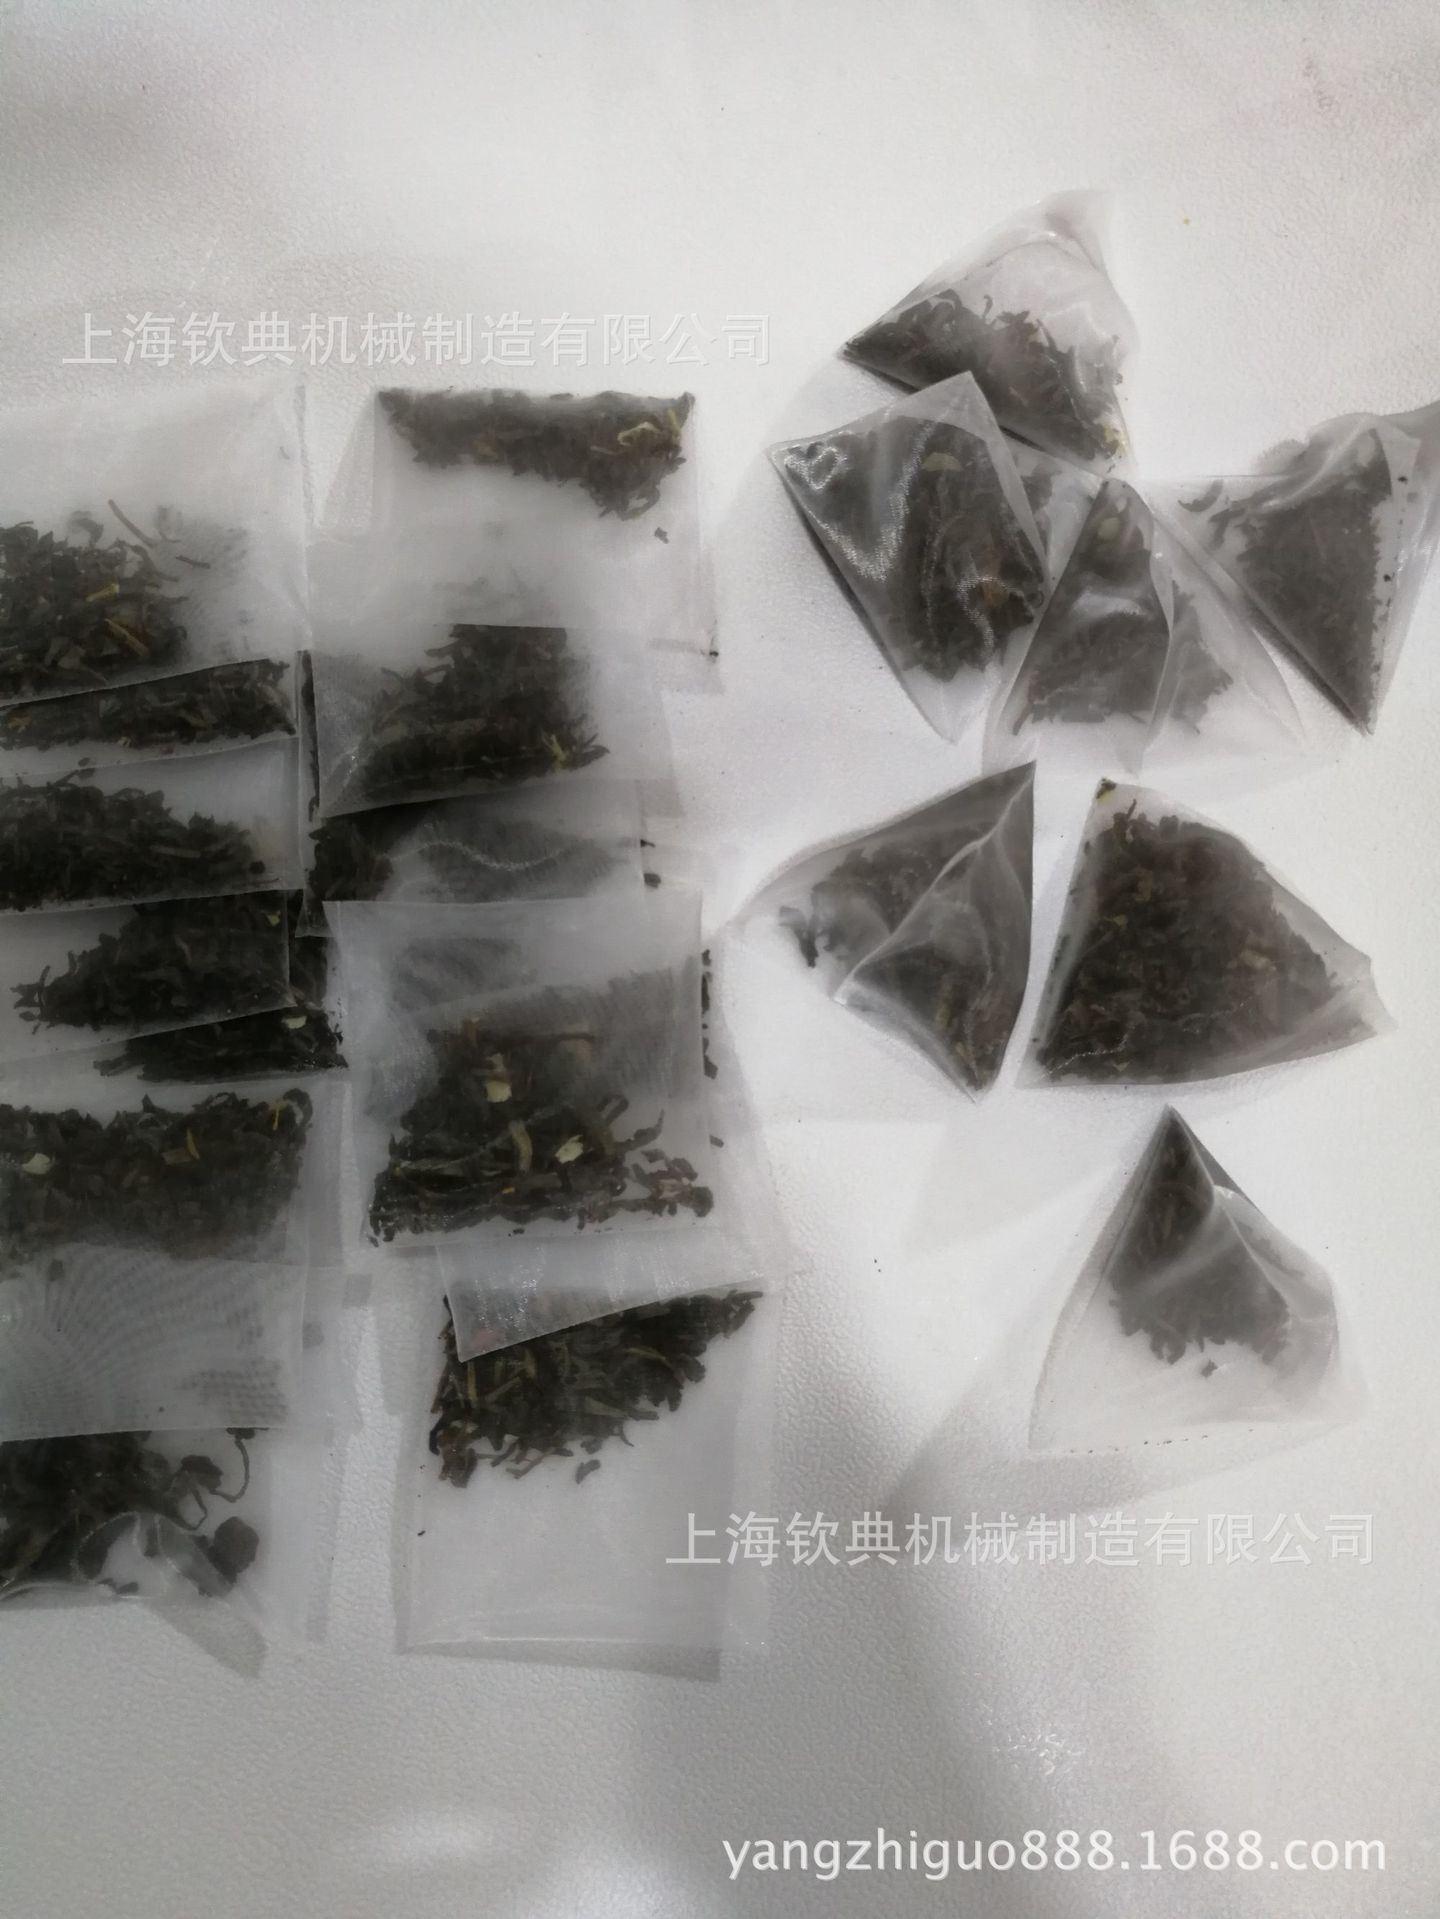 桂花乌龙茶批发 三角包袋泡茶花茶包 贴牌代加工 OEM代工包装机械